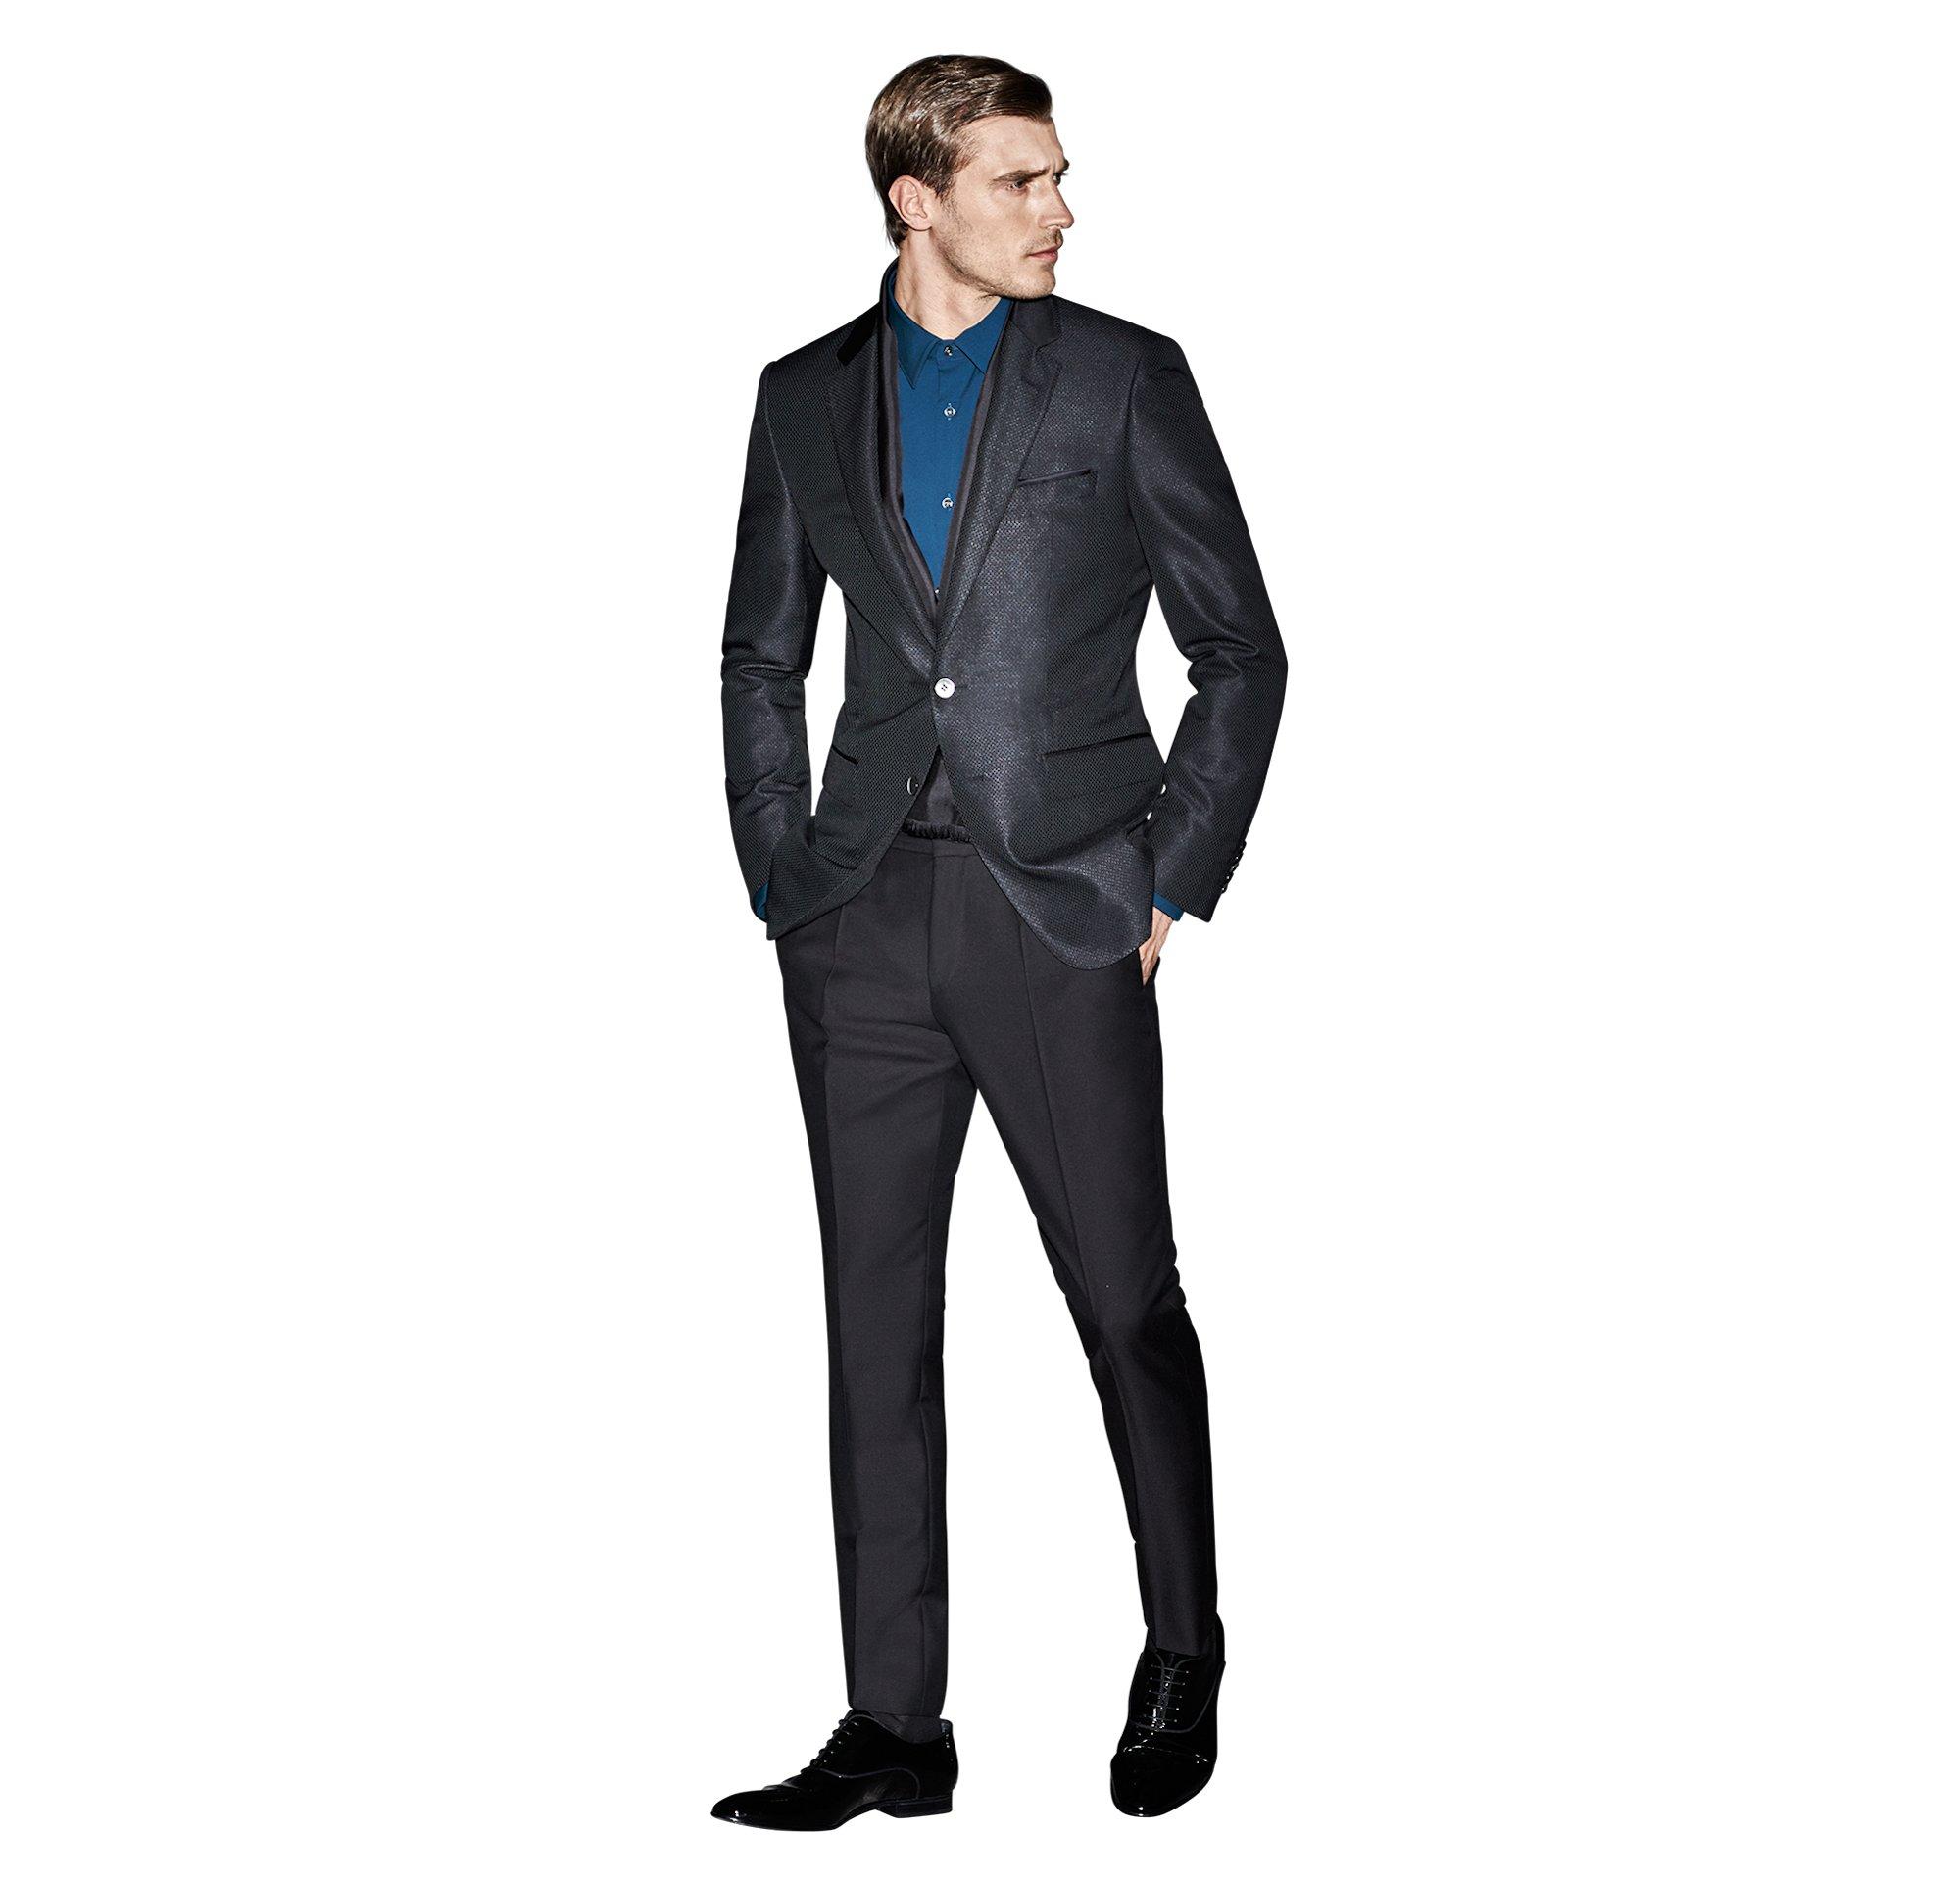 Zwart colbert, zwarte broek, blauw overhemd van BOSS